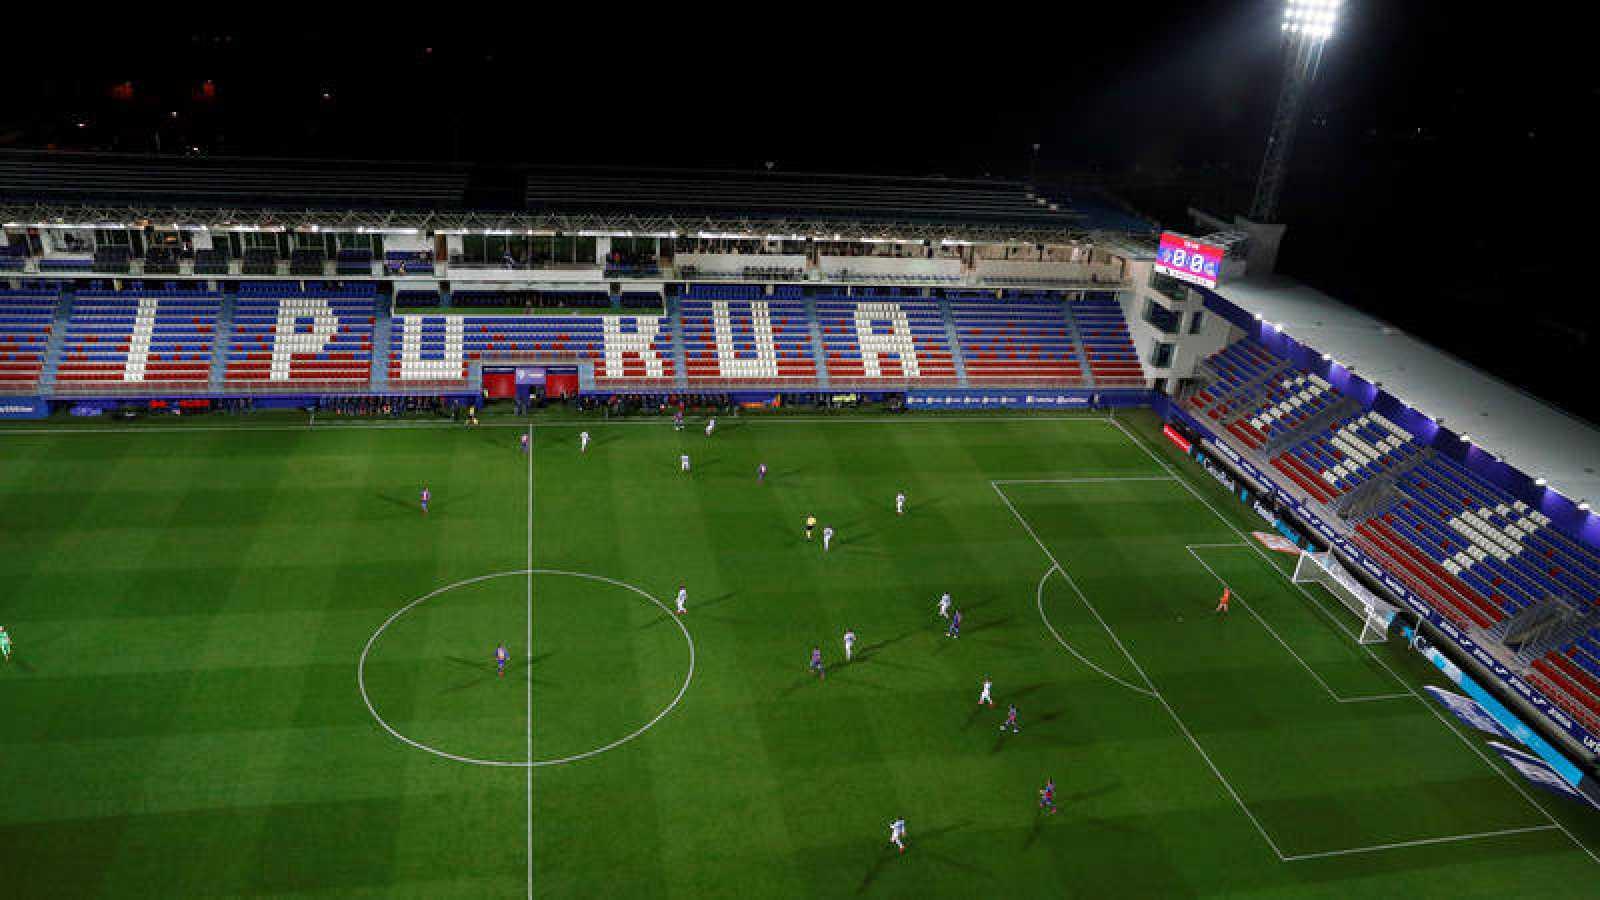 Vista general del estadio de Ipurúa durante el partido Eibar - Real Sociedad, disputado a puerta cerrada